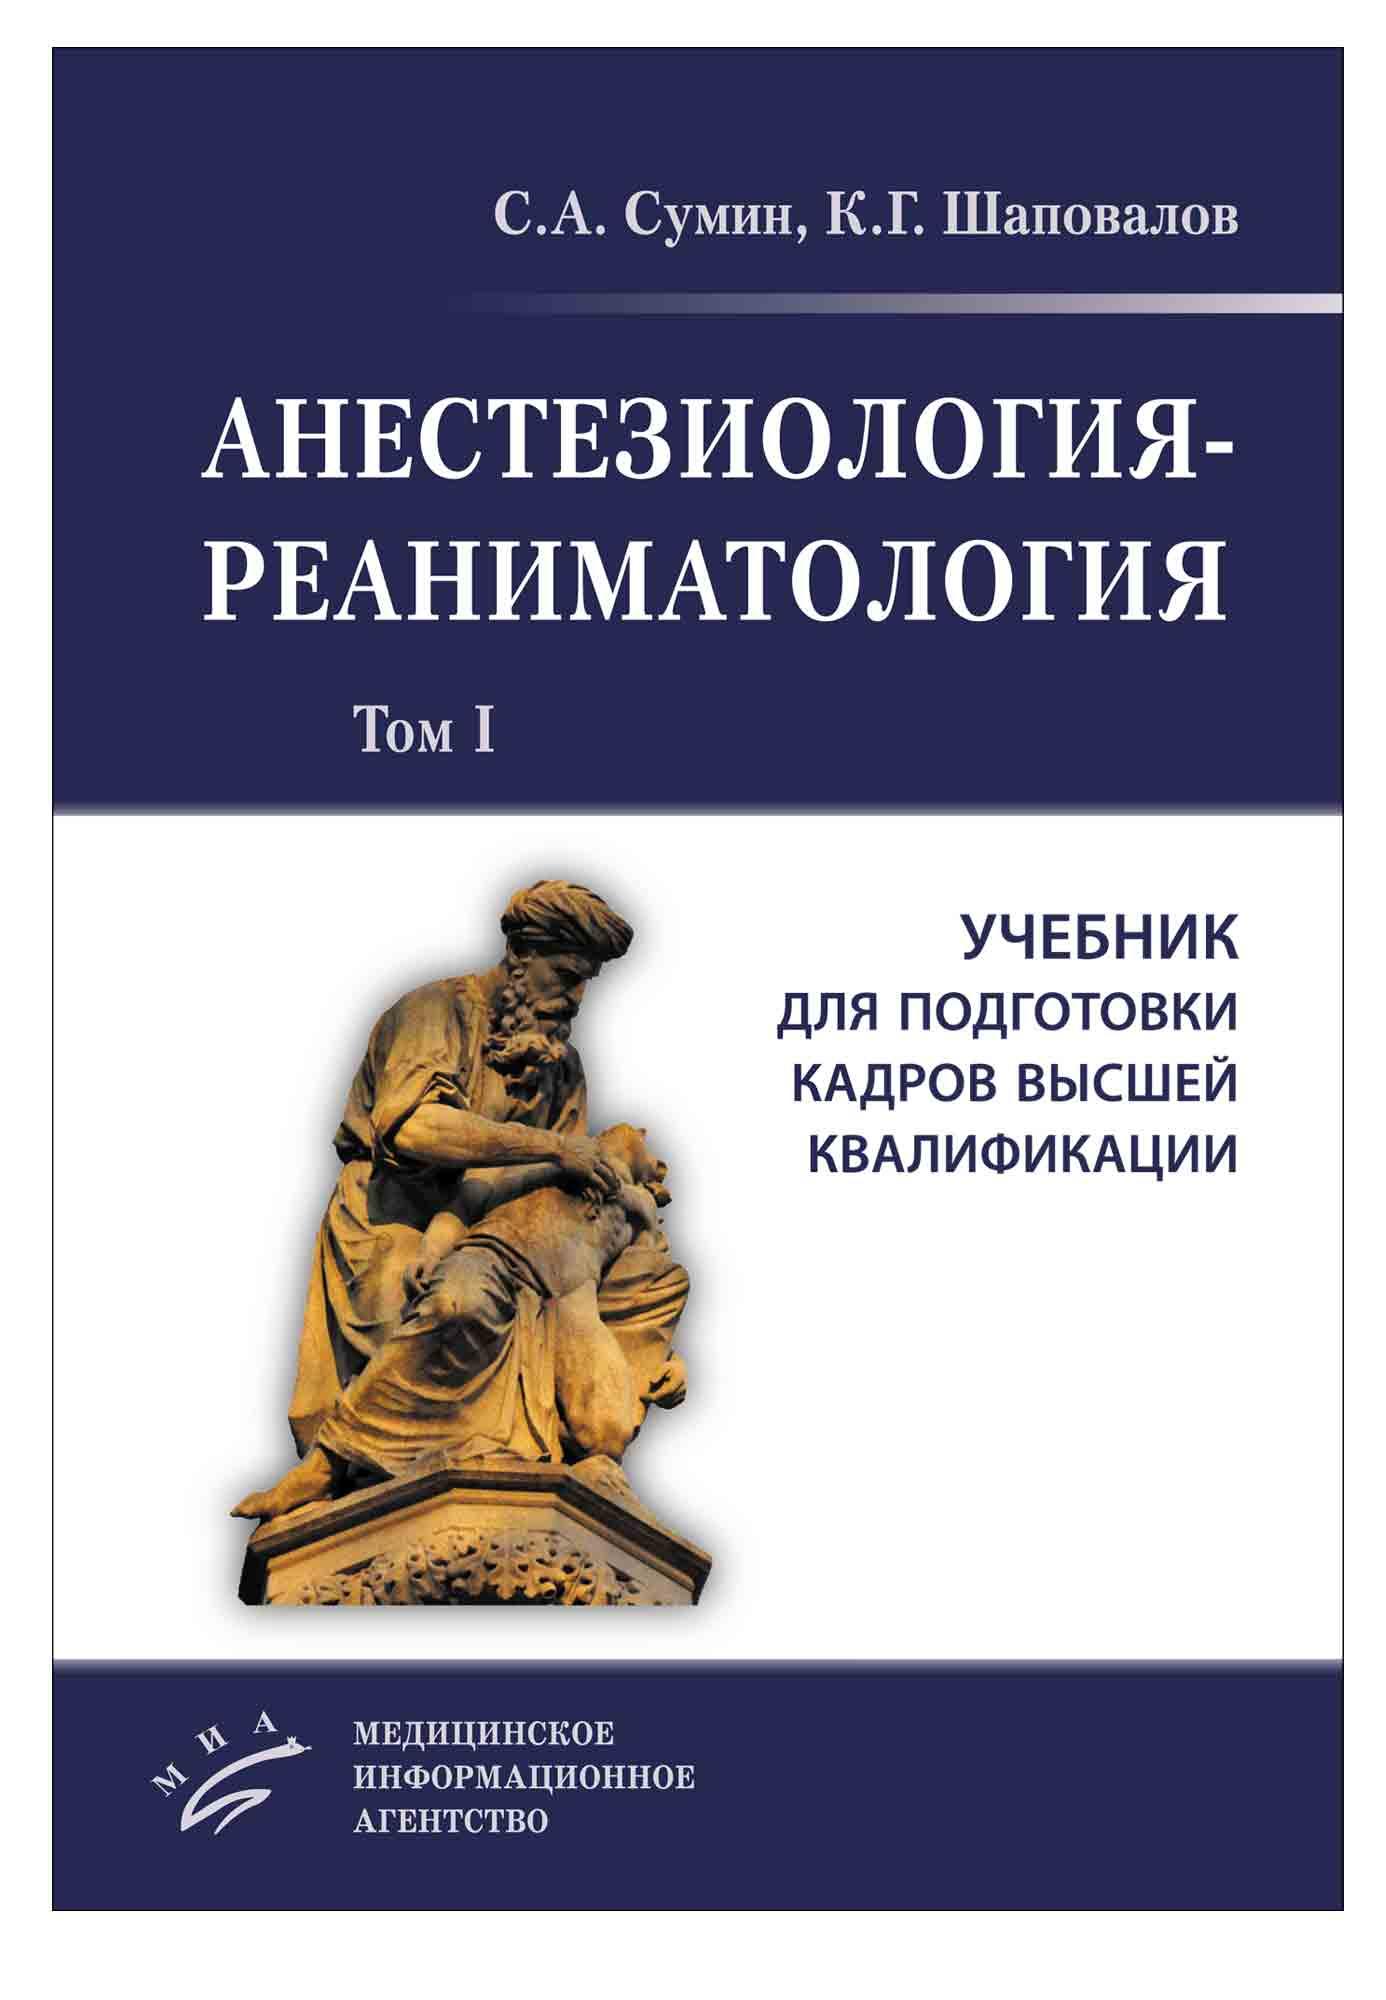 Анестезиология-реаниматология: учебник для подготовки кадров.